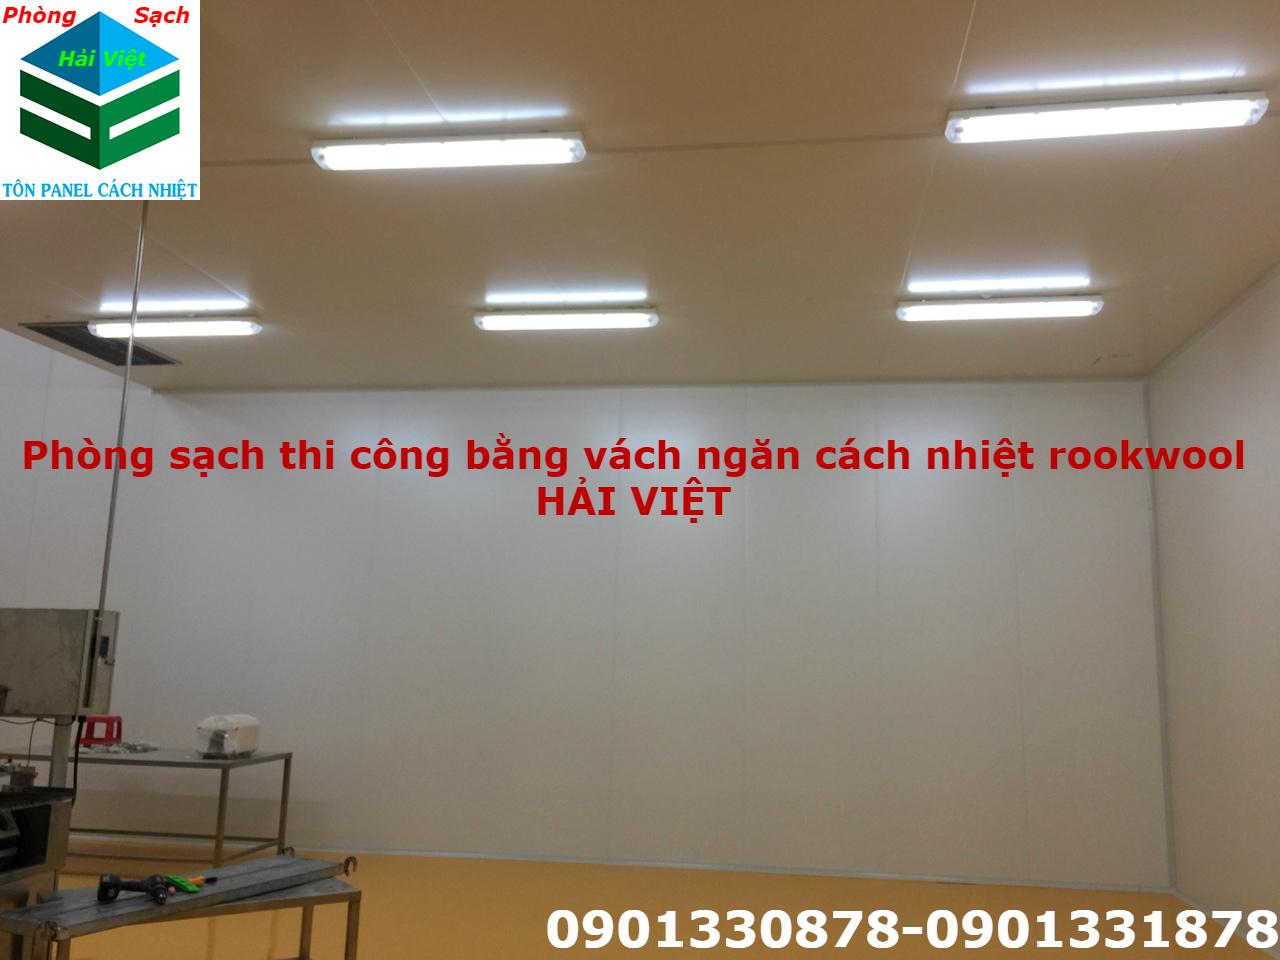 phòng sạch thi công bằng vách ngăn cách nhiệt panel rookwool